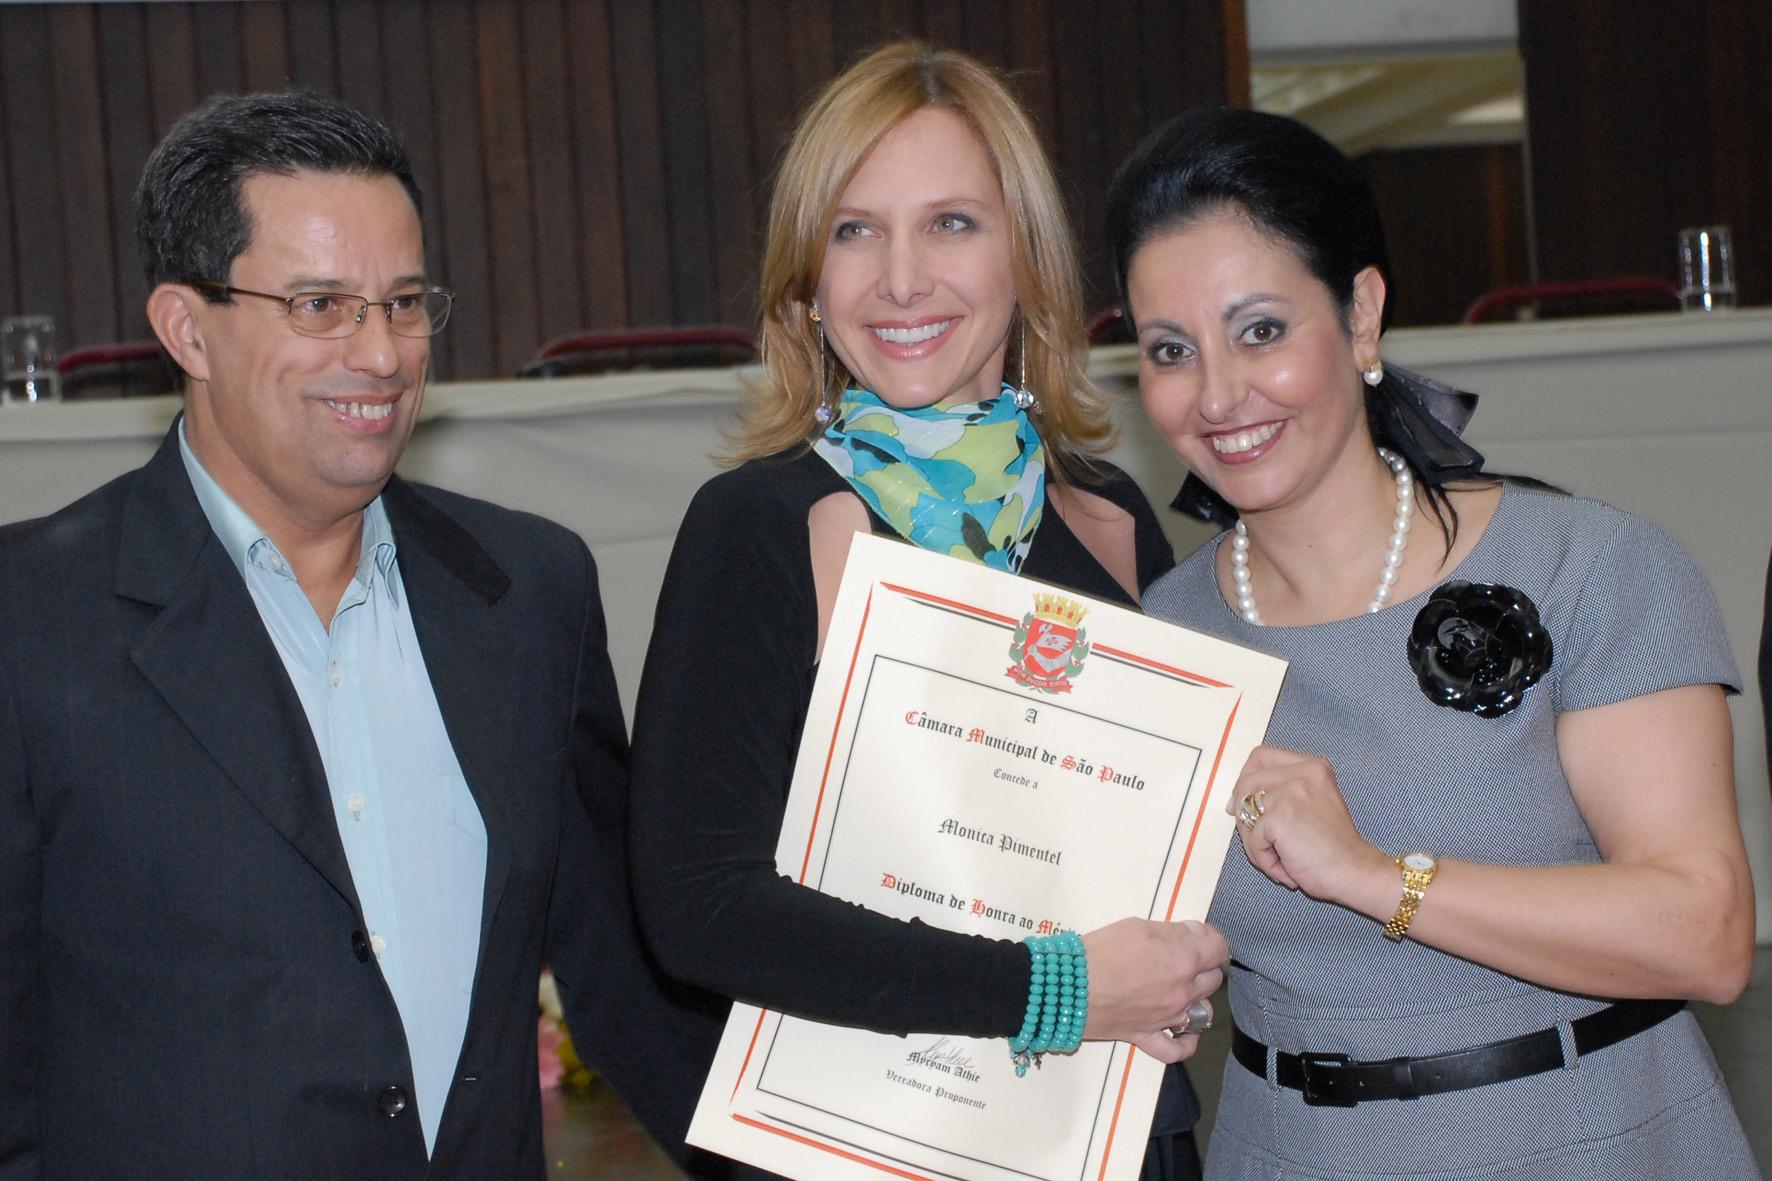 Câmara Municipal aplaude aniversário do Tatuapé